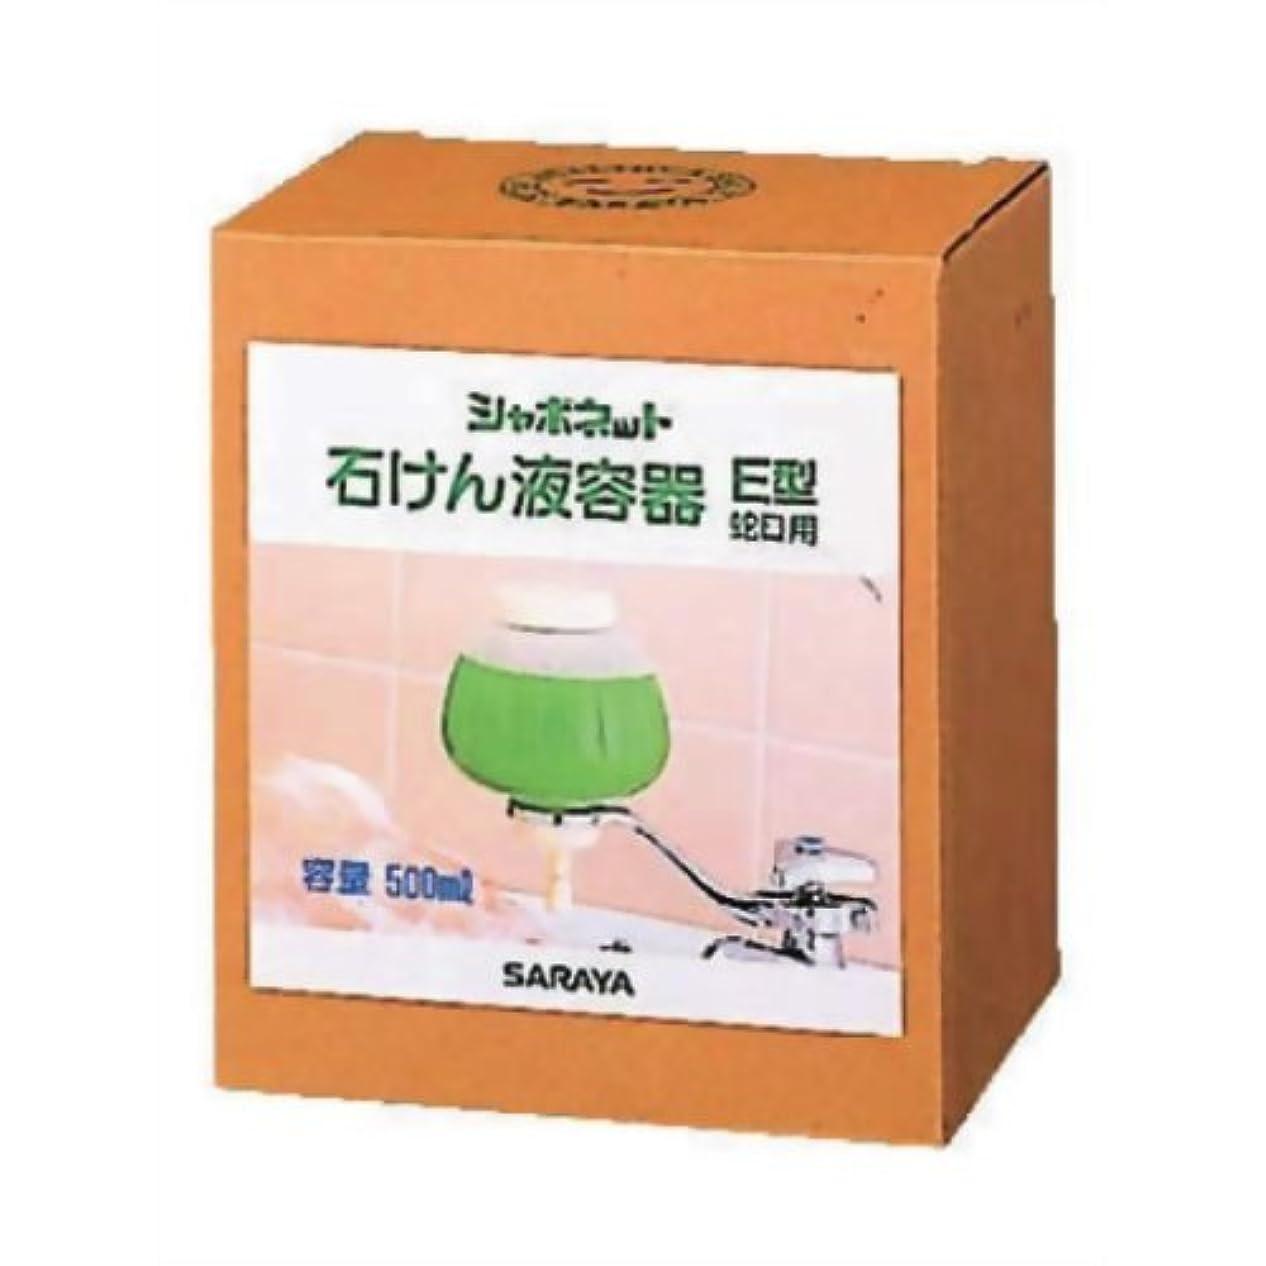 つづり完璧ホースシャボネット石鹸液容器 500mLE型蛇口用 21450/63828559 サラヤ